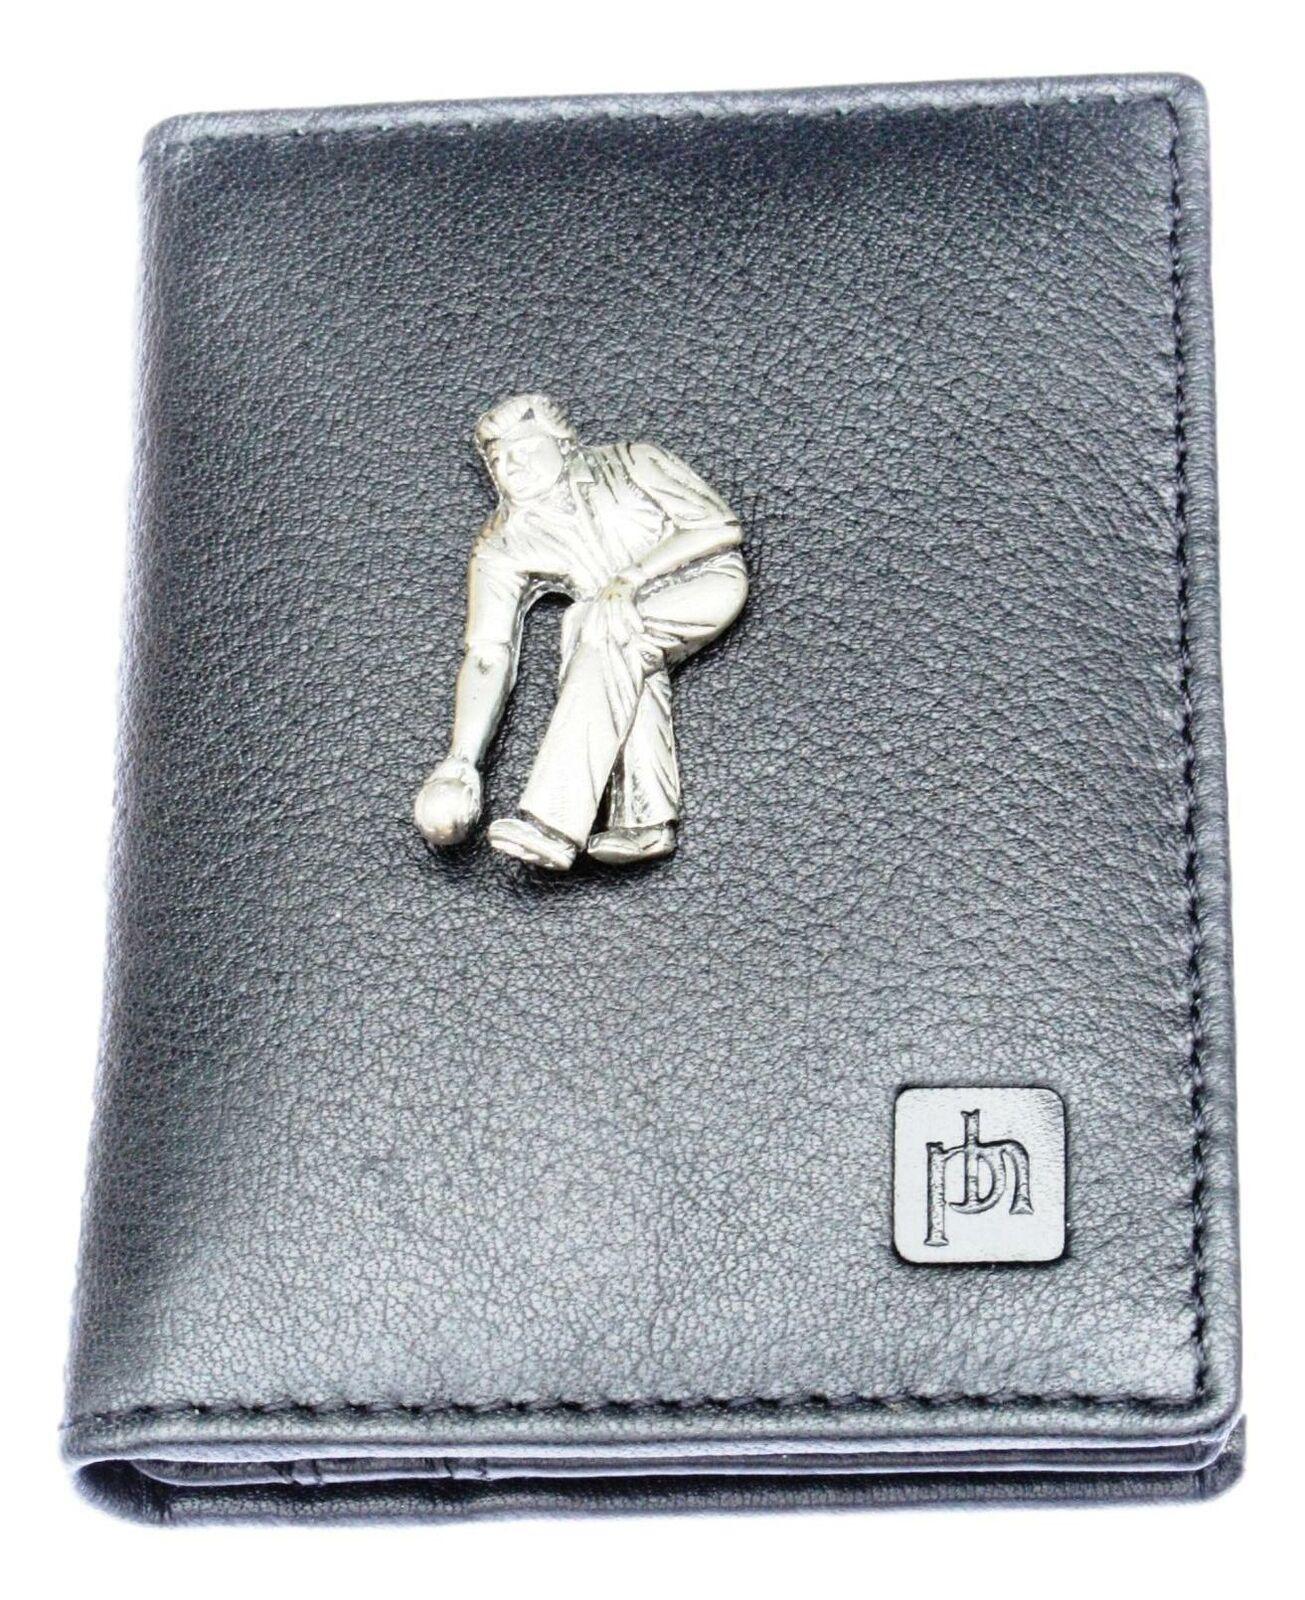 Bowler Pewter Bifold Card Holder Leather Black Wallet RFID Safe 39